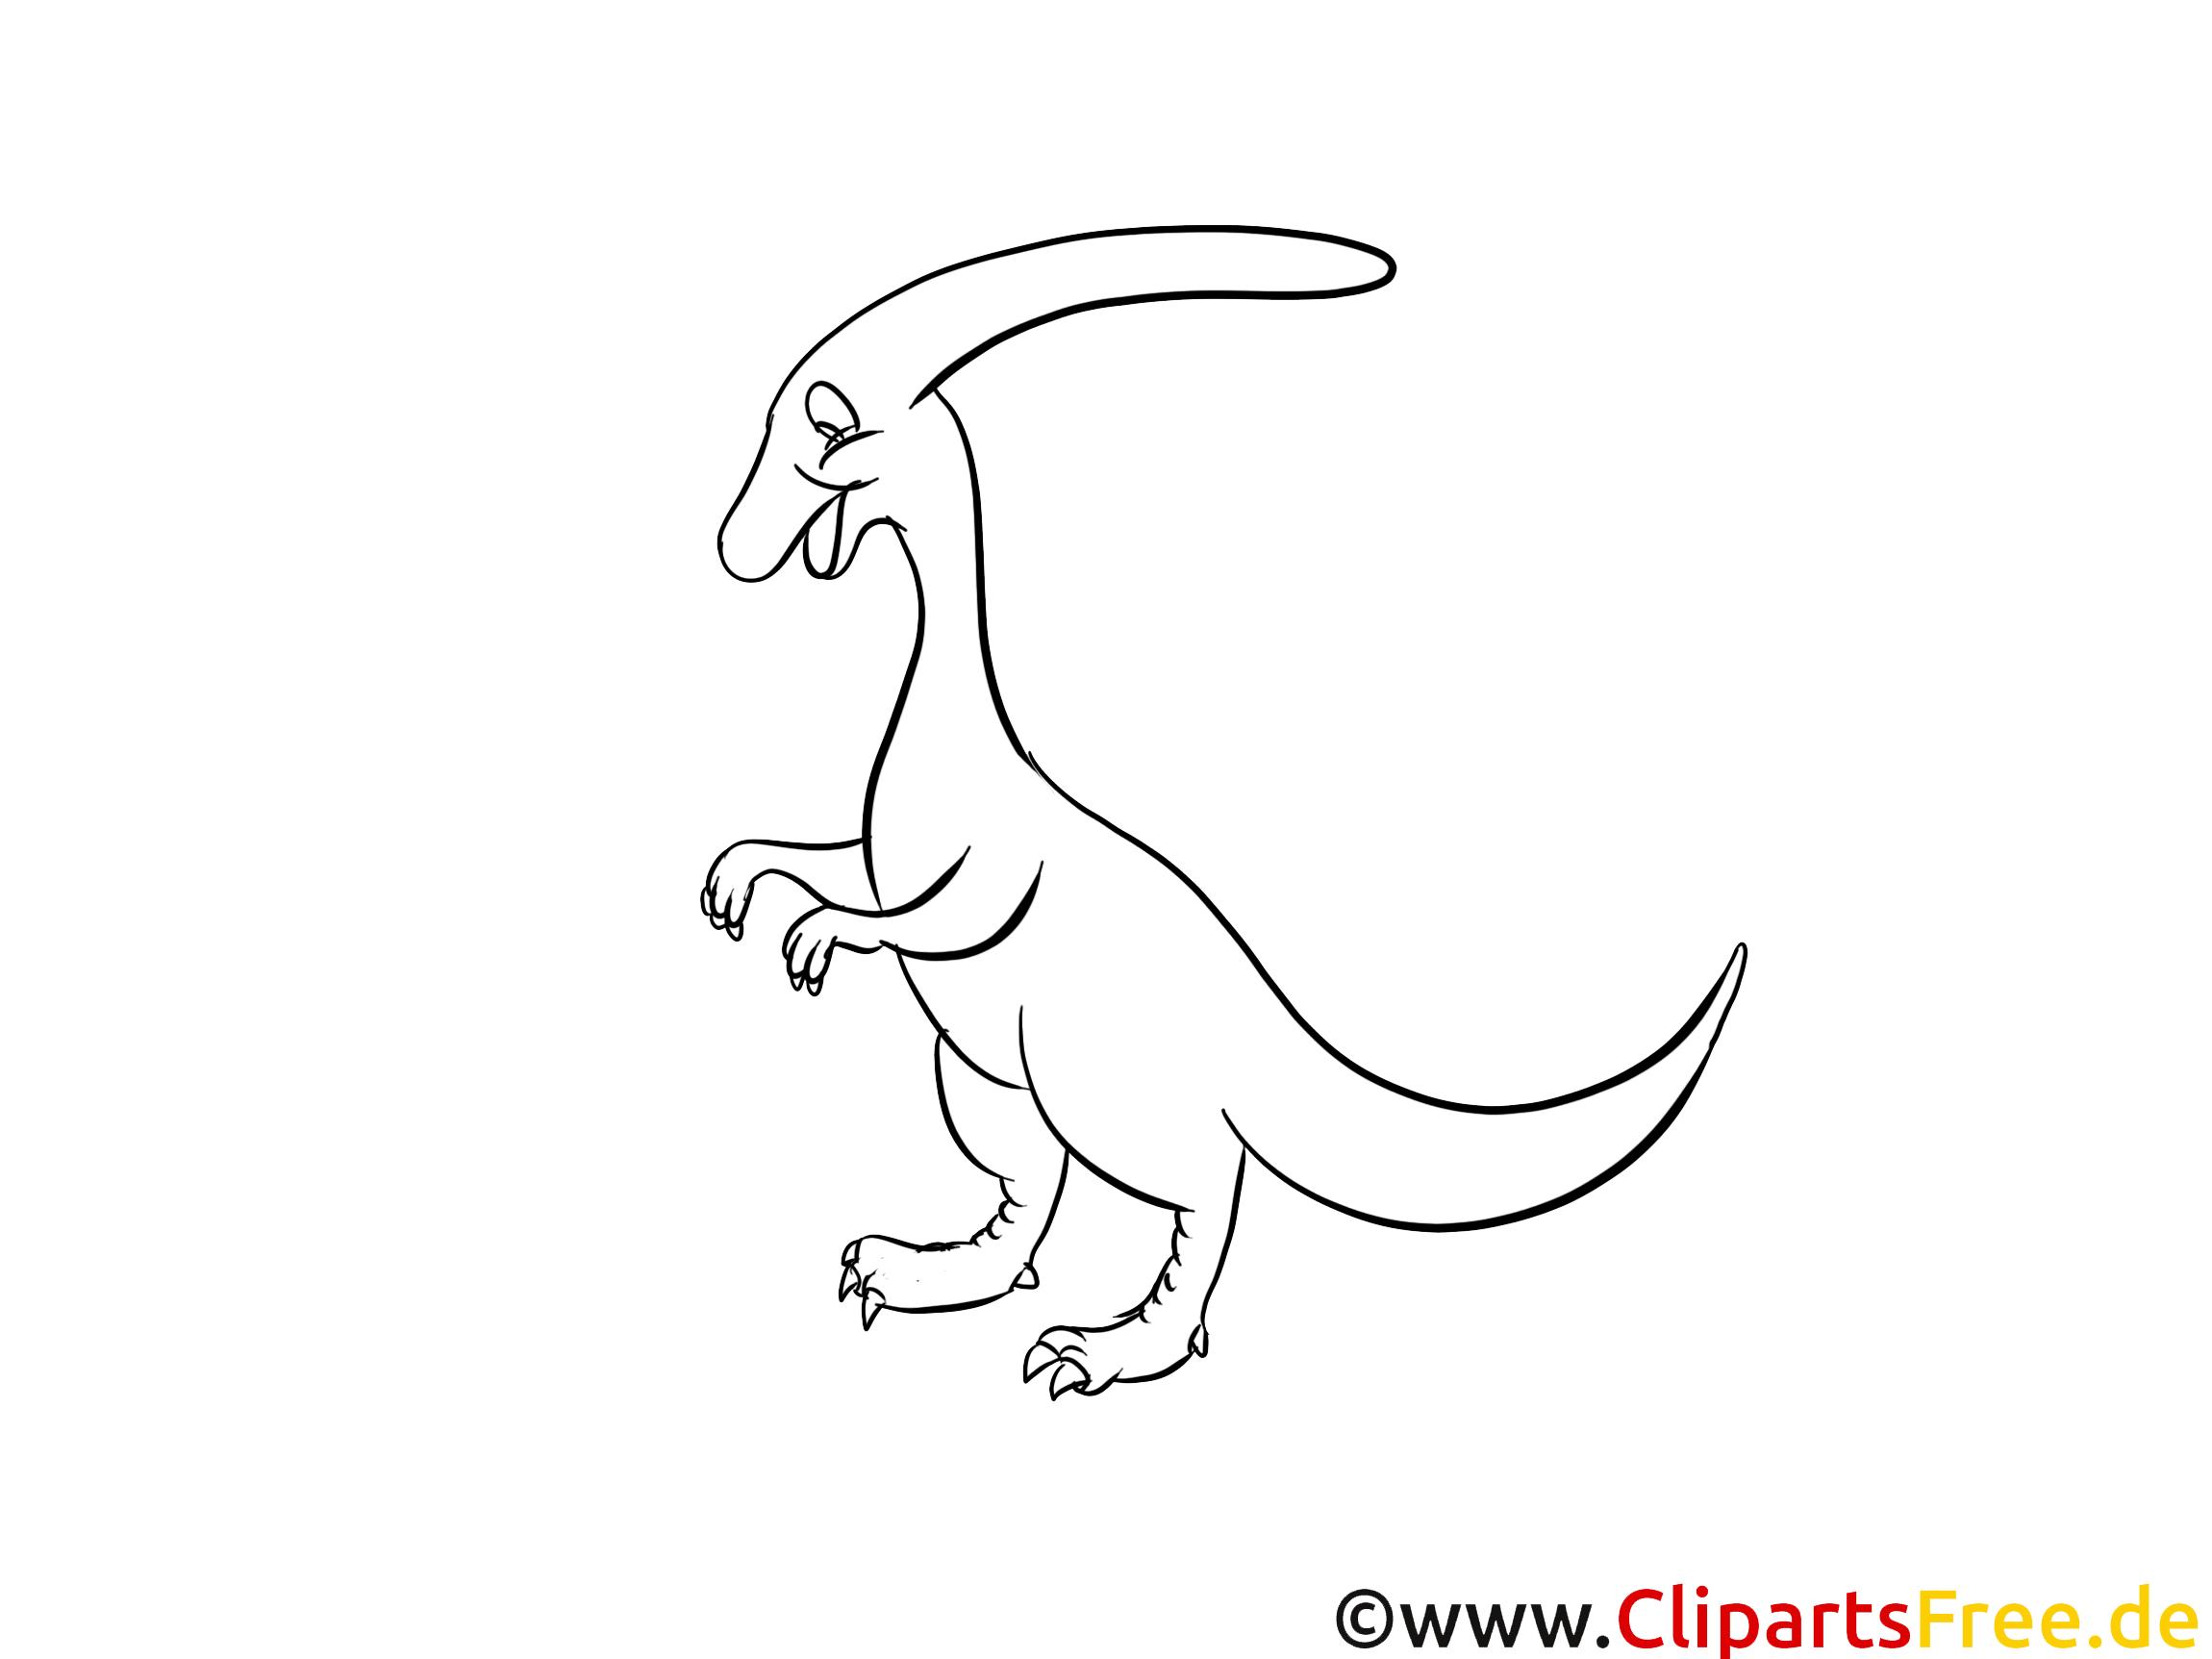 Ausmalbilder Für Kinder Dinosaurier : Ausgezeichnet Ausmalbilder Dinosaurier Langhals Fotos Malvorlagen